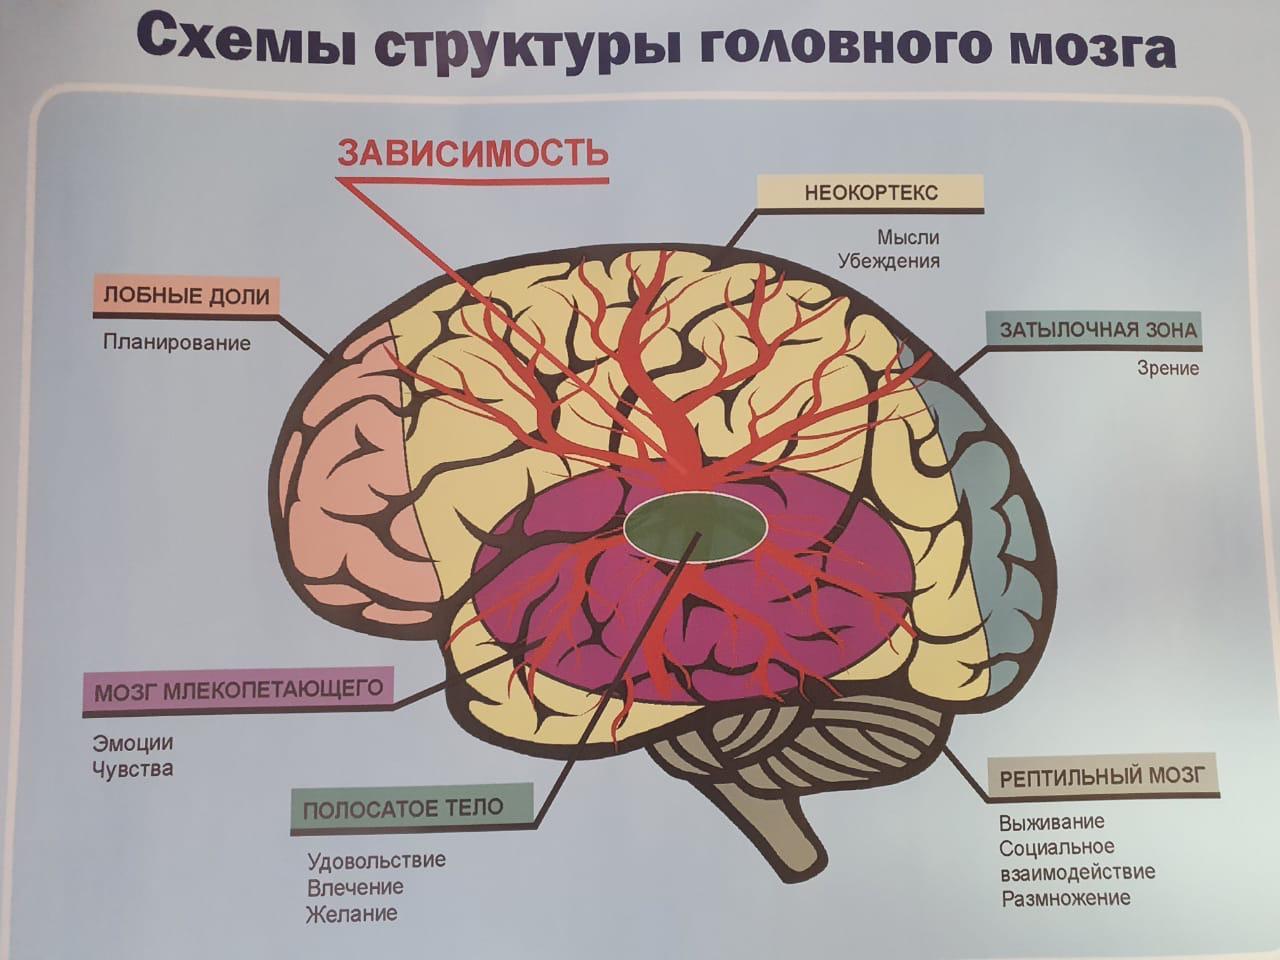 Схемы головного мозга при употреблении наркотиков